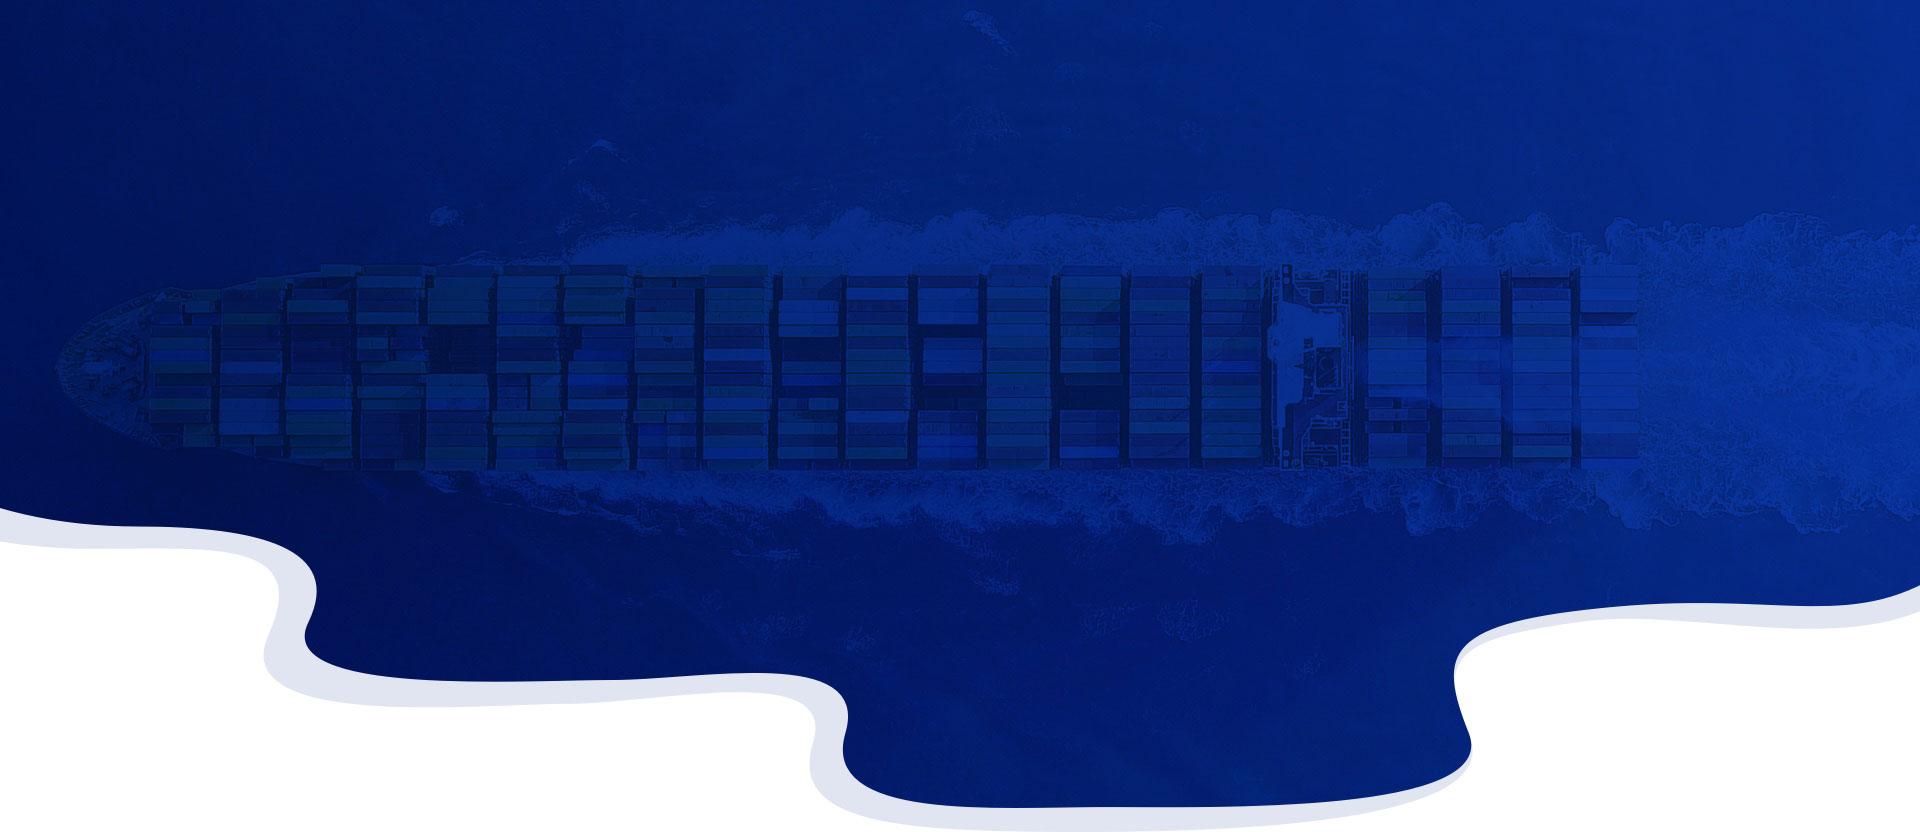 Top view of a cargo ship